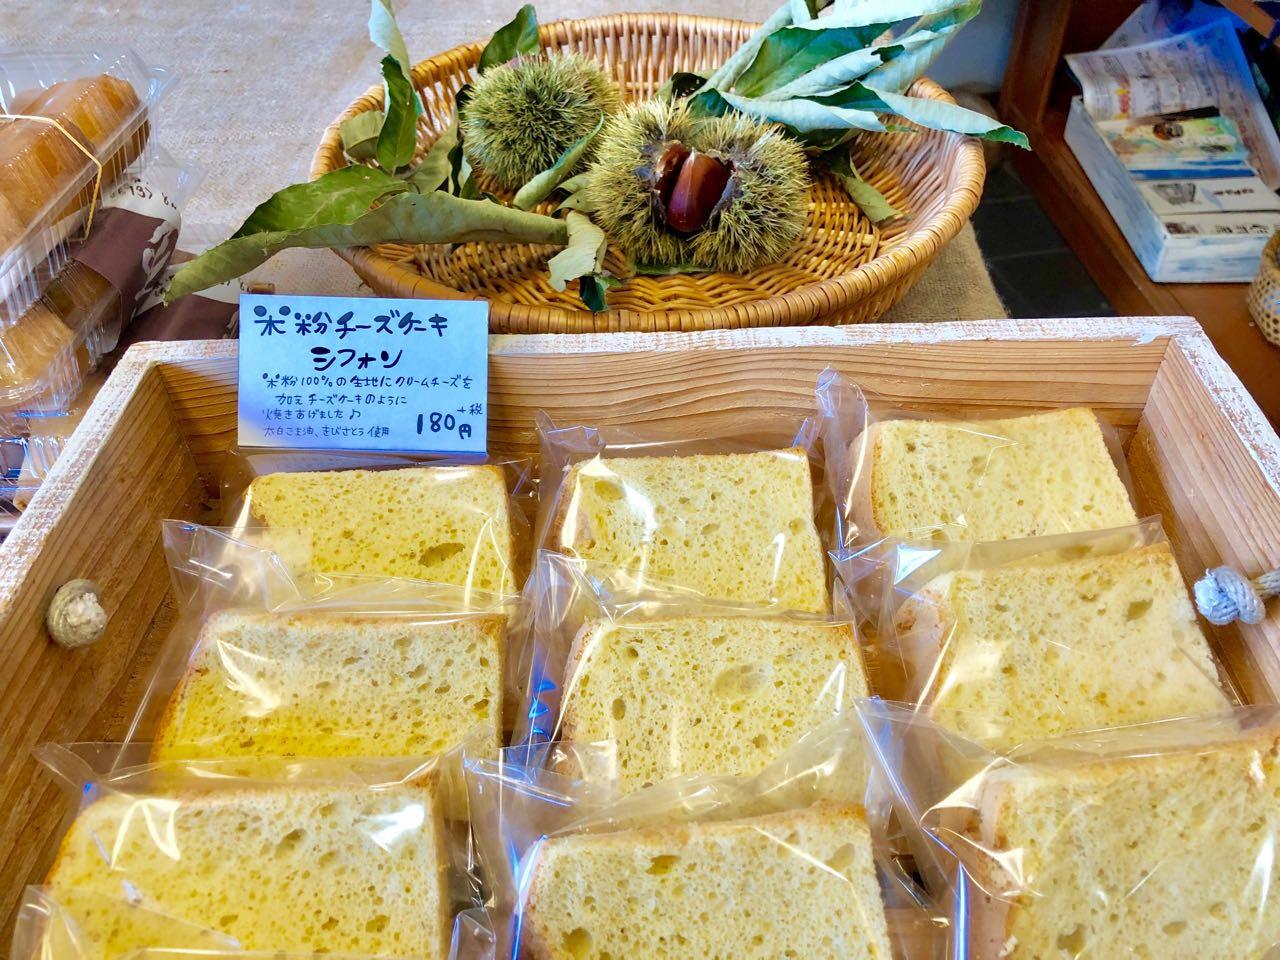 伊那屋の米粉チーズケーキシフォン